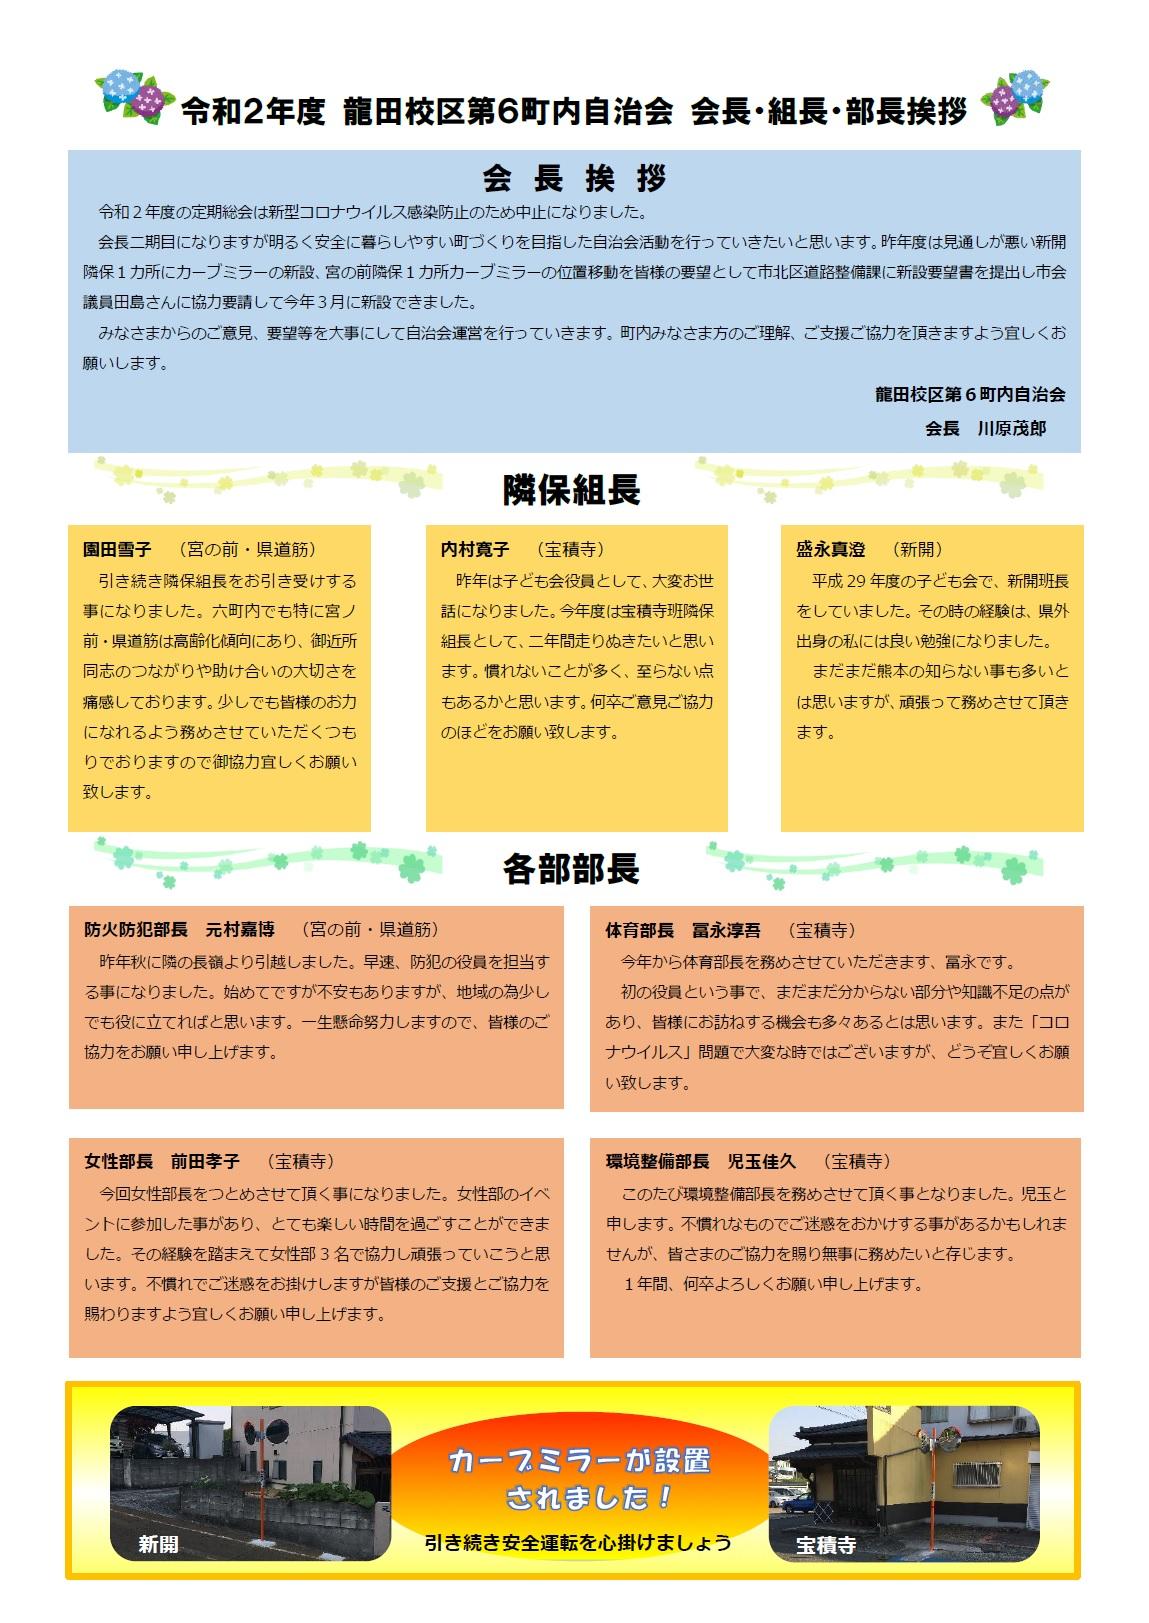 龍田校区6町内広報紙(裏)